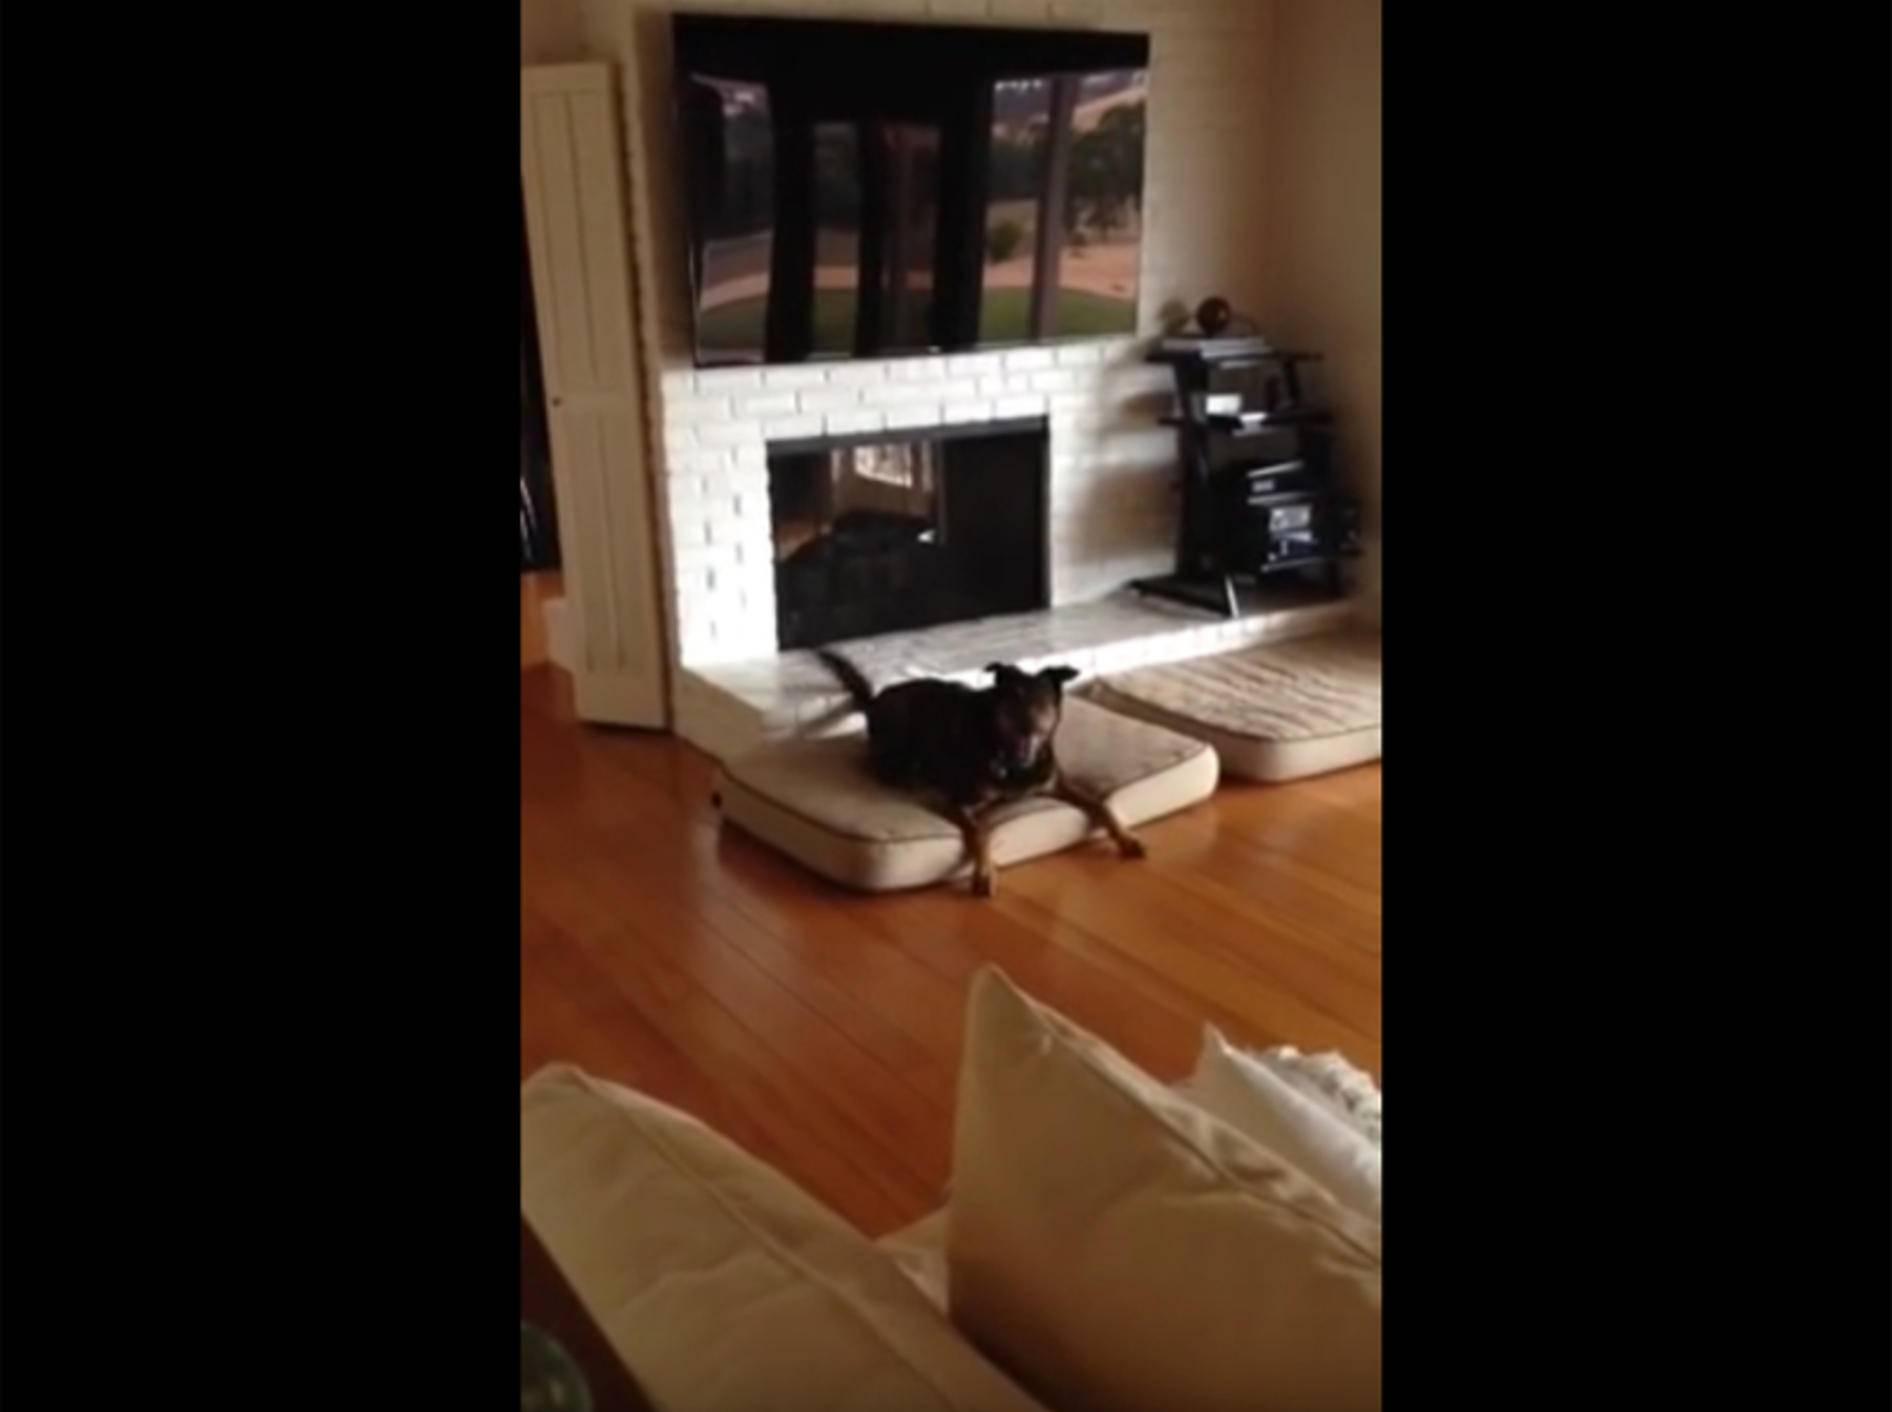 Hund hat seinen 10. Geburtstag und ist tierisch aufgeregt – YouTube / Jessica Pressman